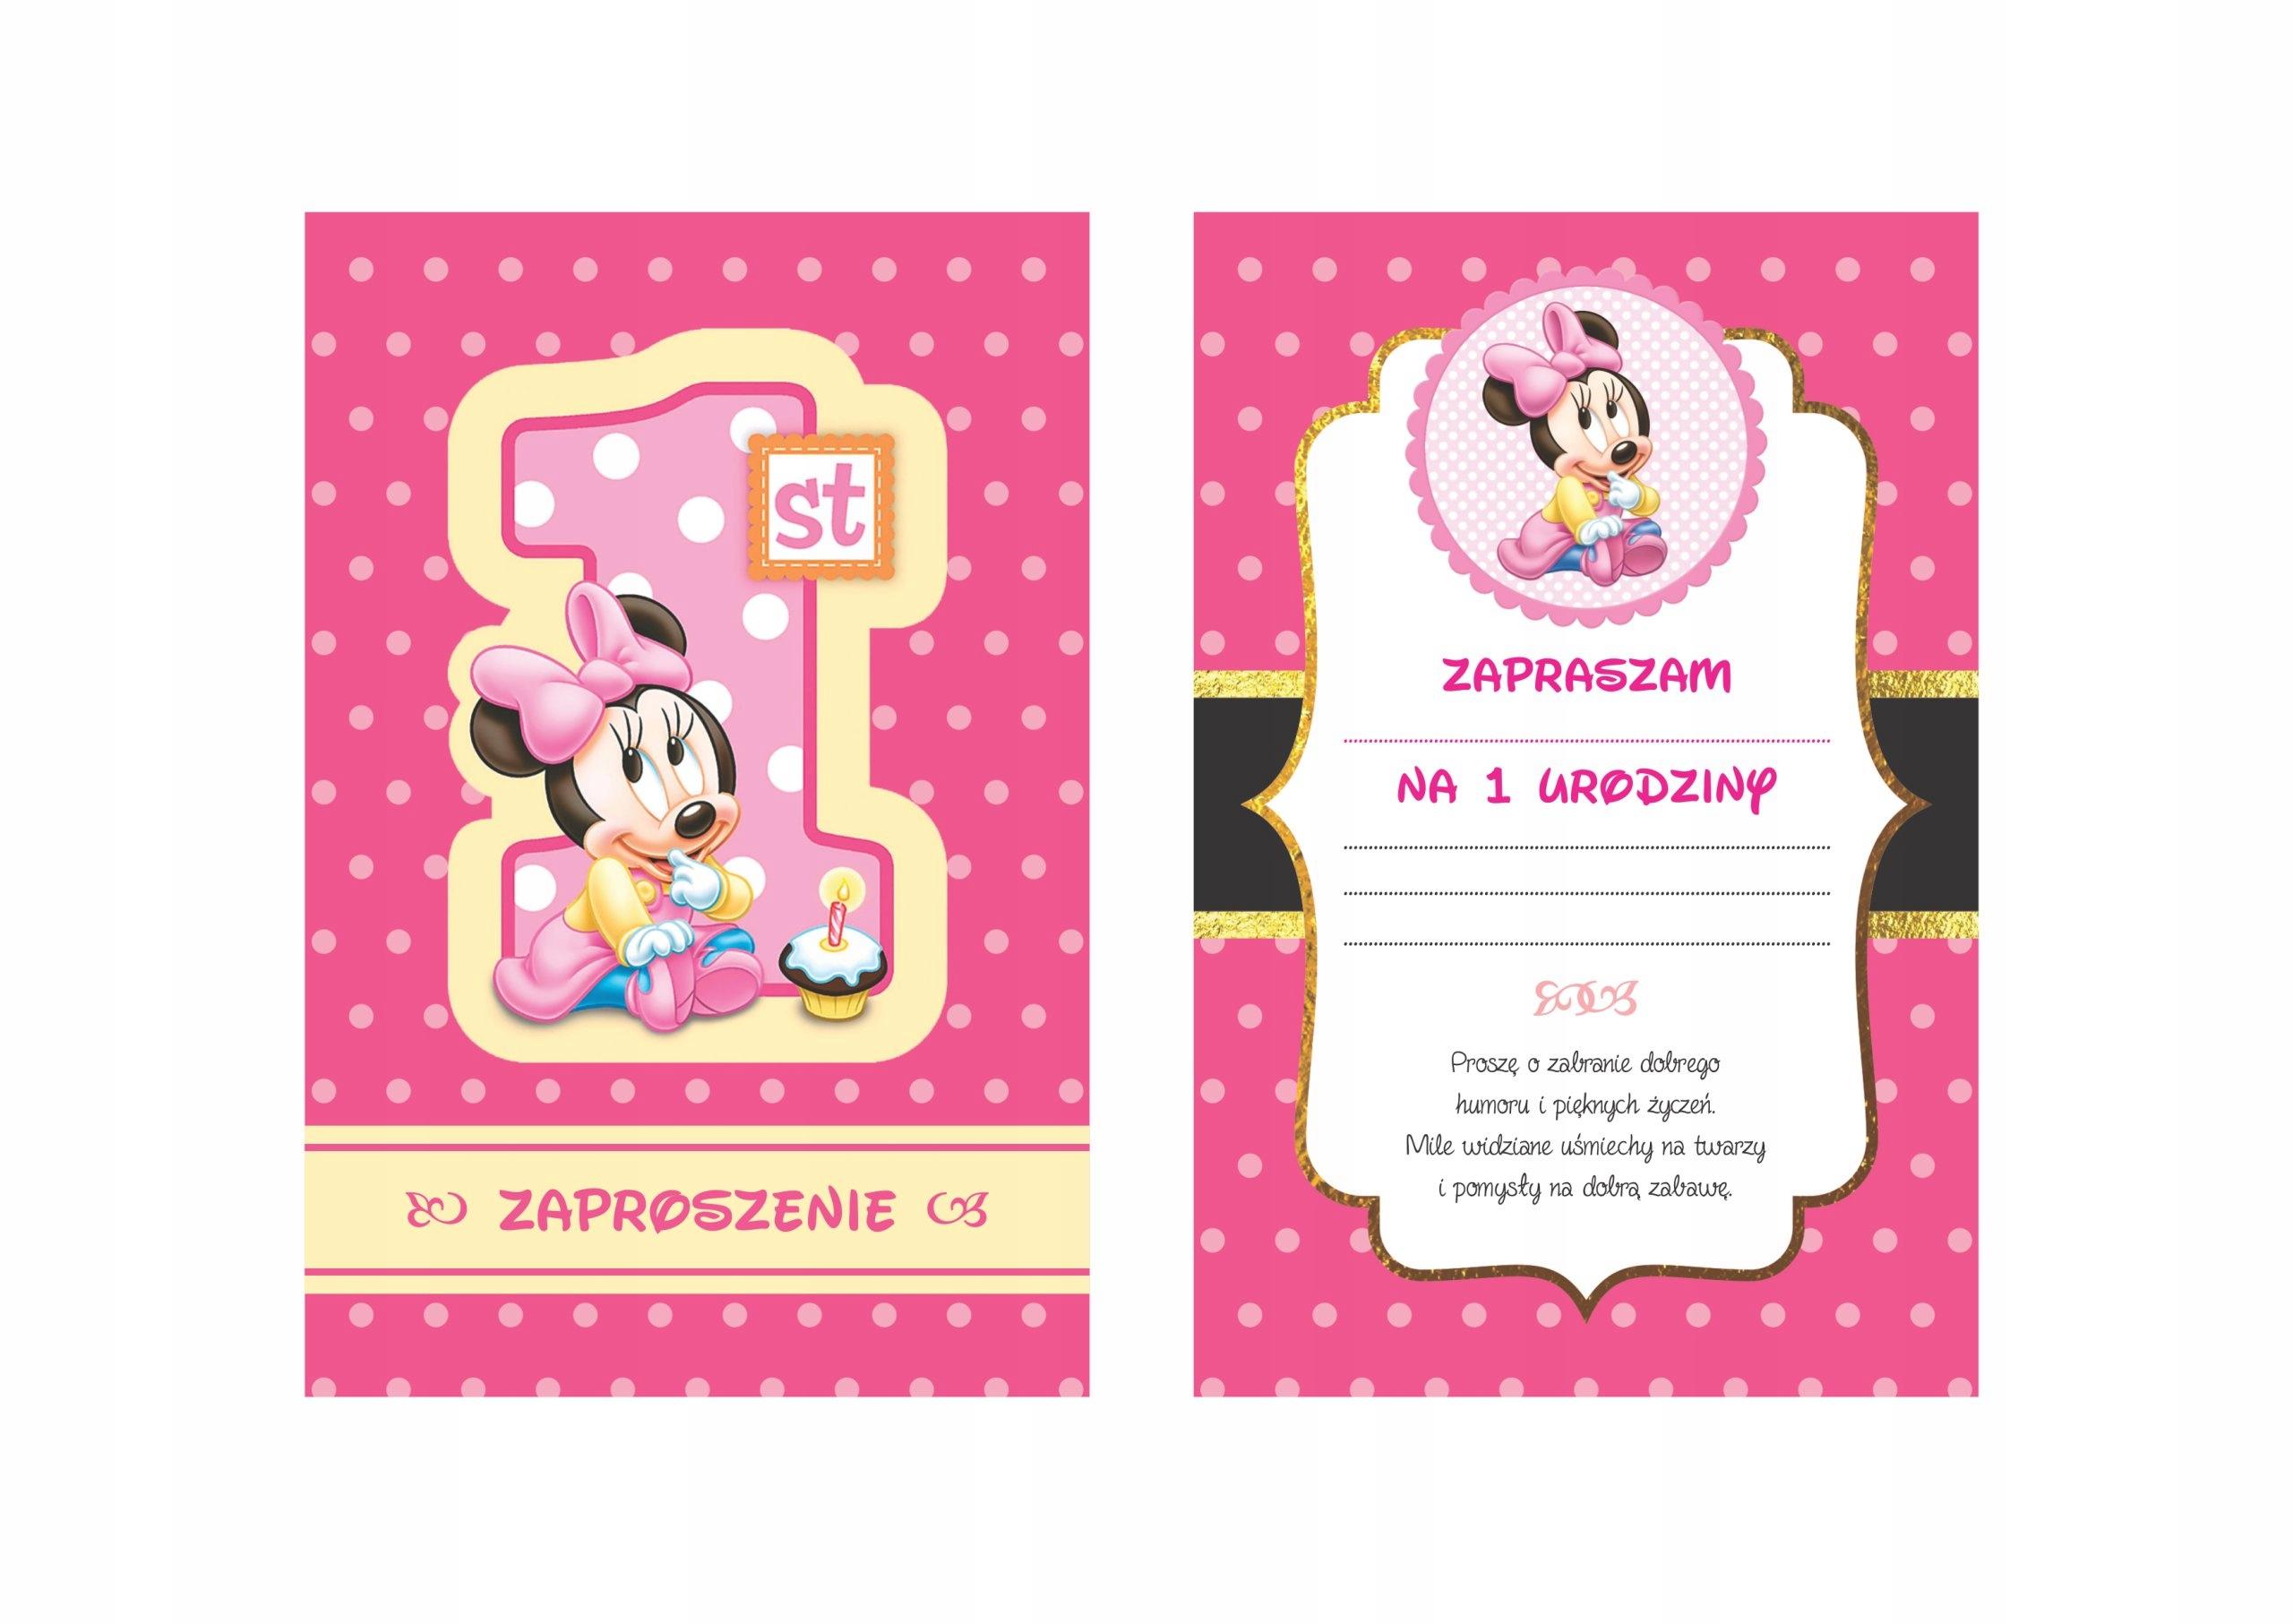 Zaproszenie Urodziny Roczek Myszka Mickey Minnie 7532338046